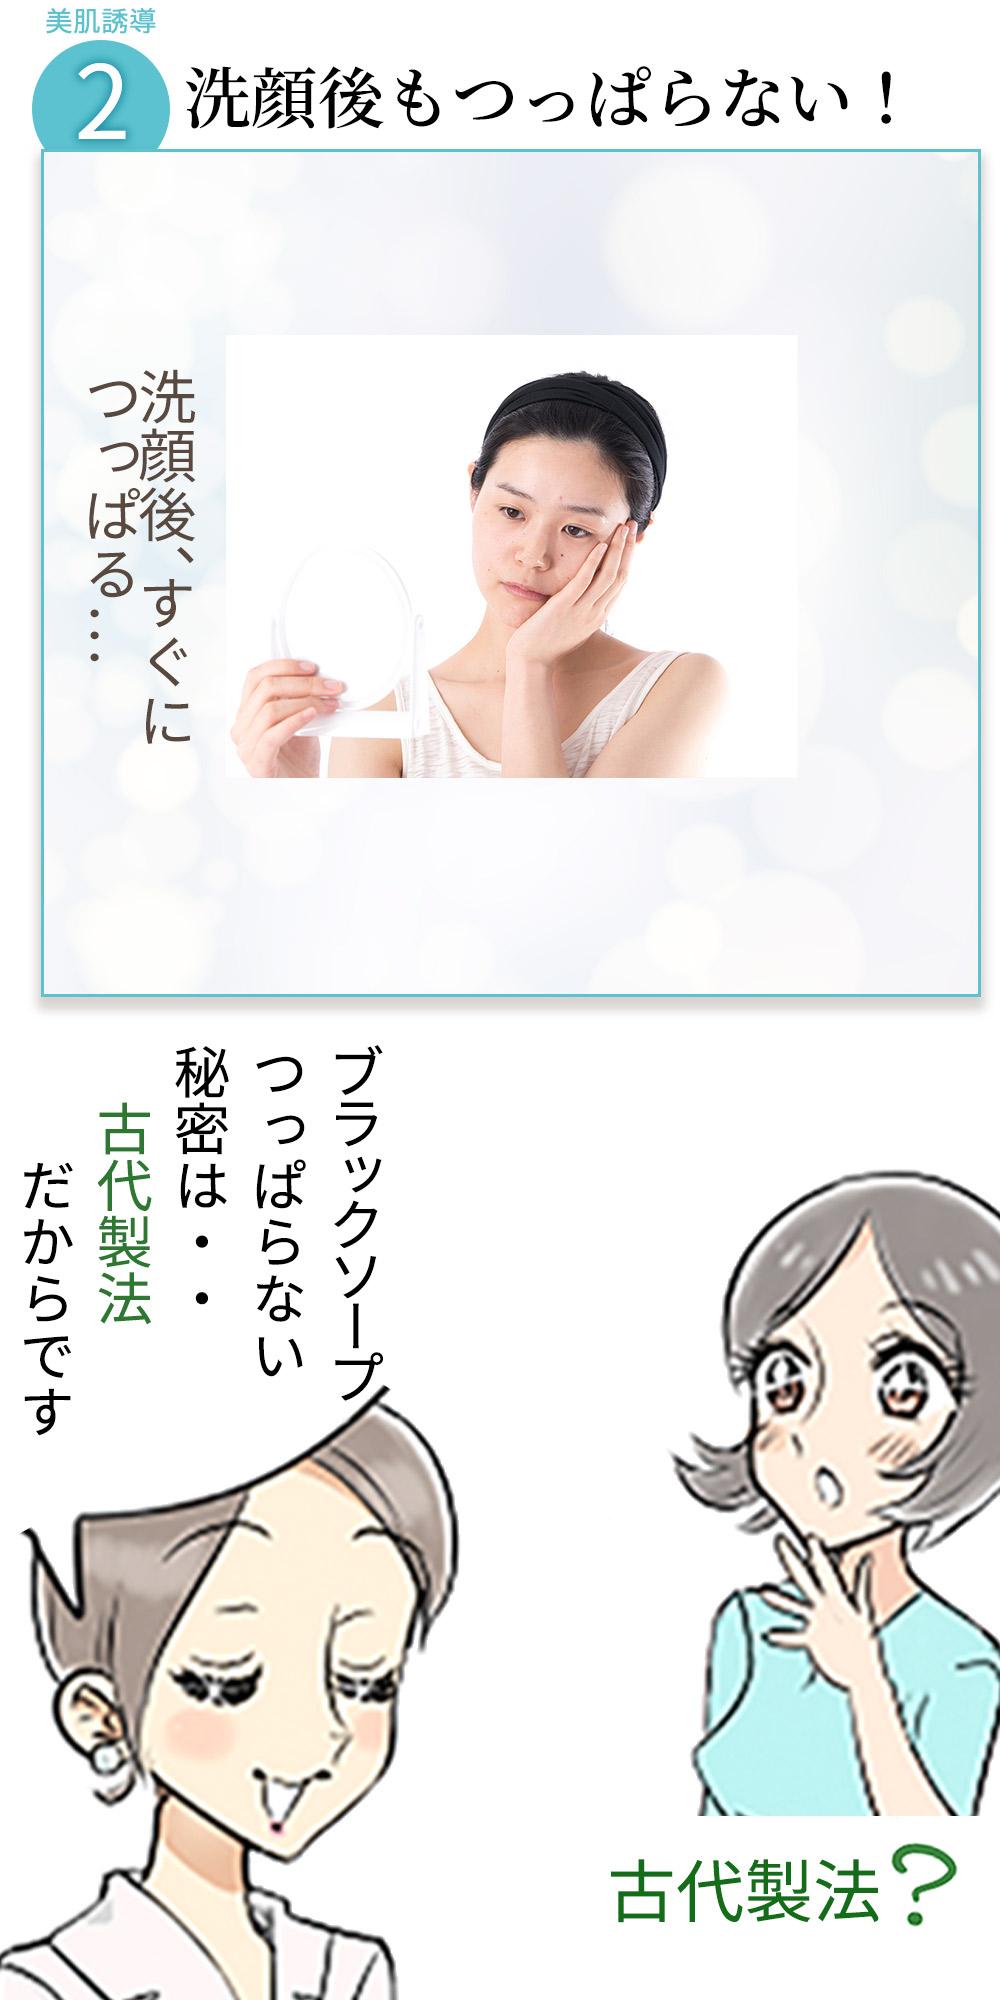 つっぱらない美容洗顔